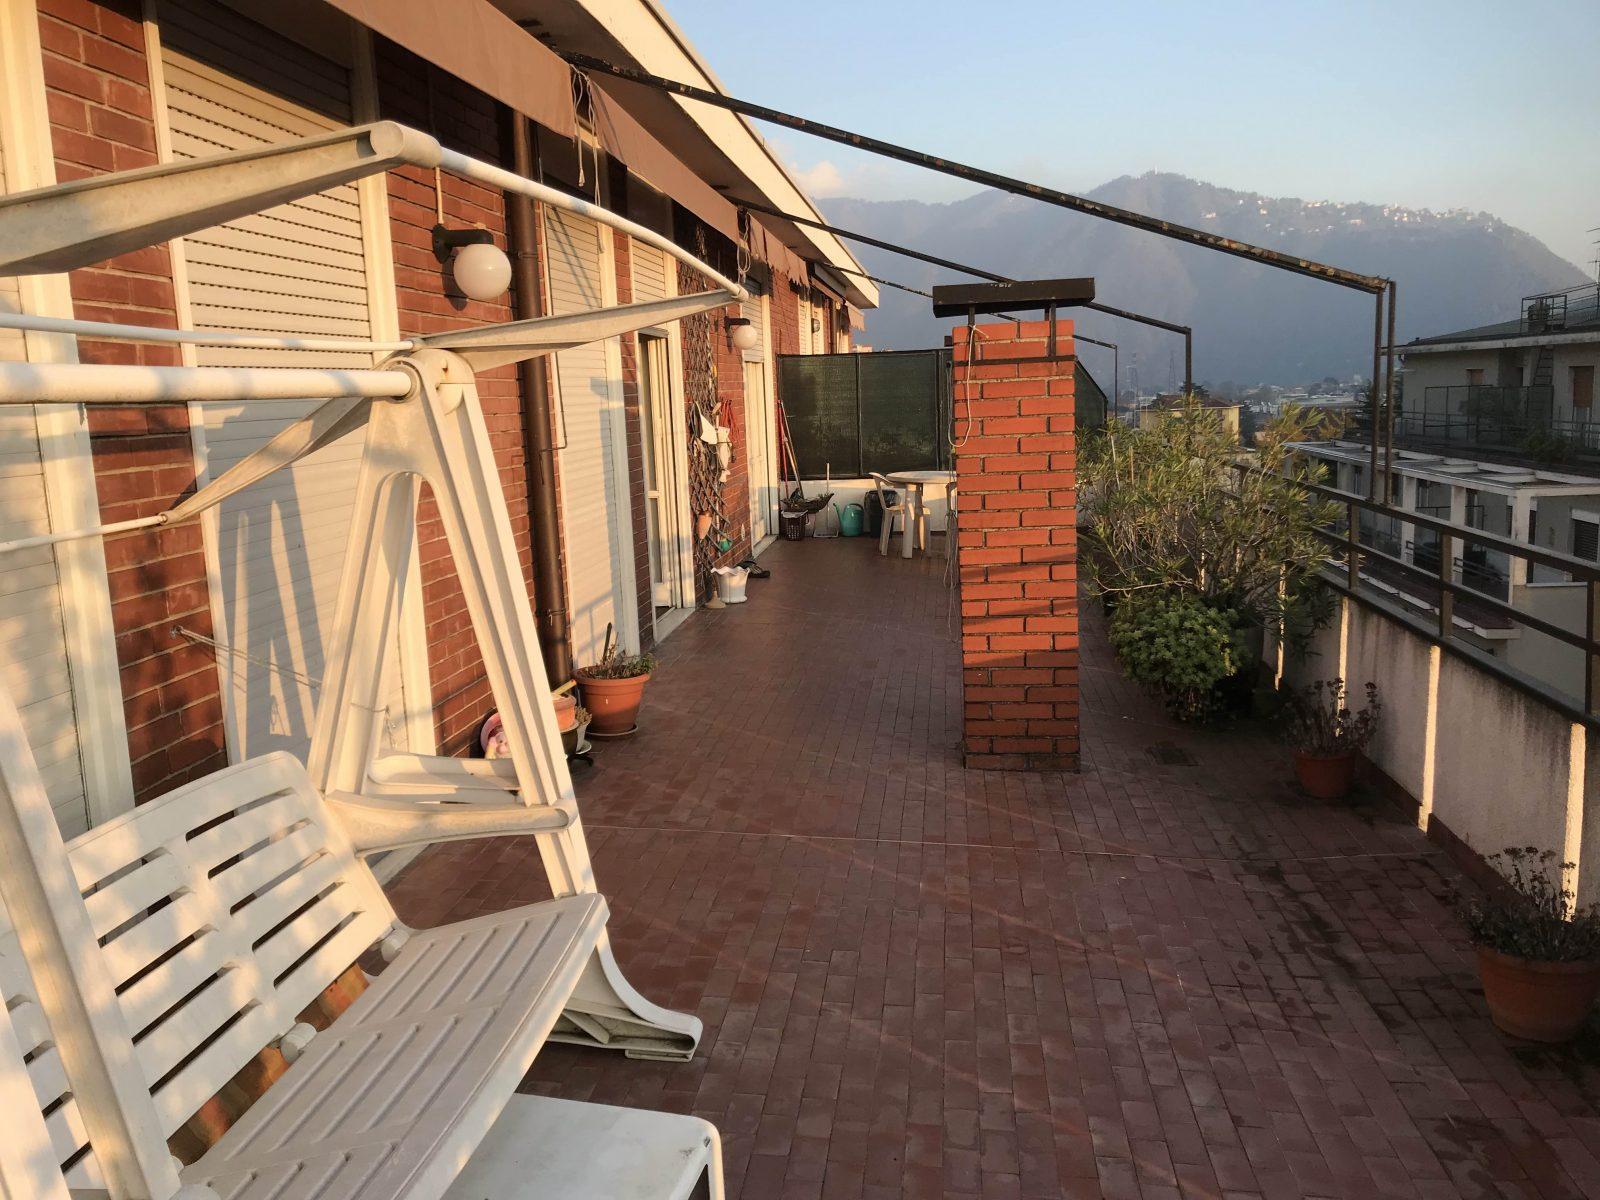 Attico con ampio terrazzo panoramico in vendita a Maslianico